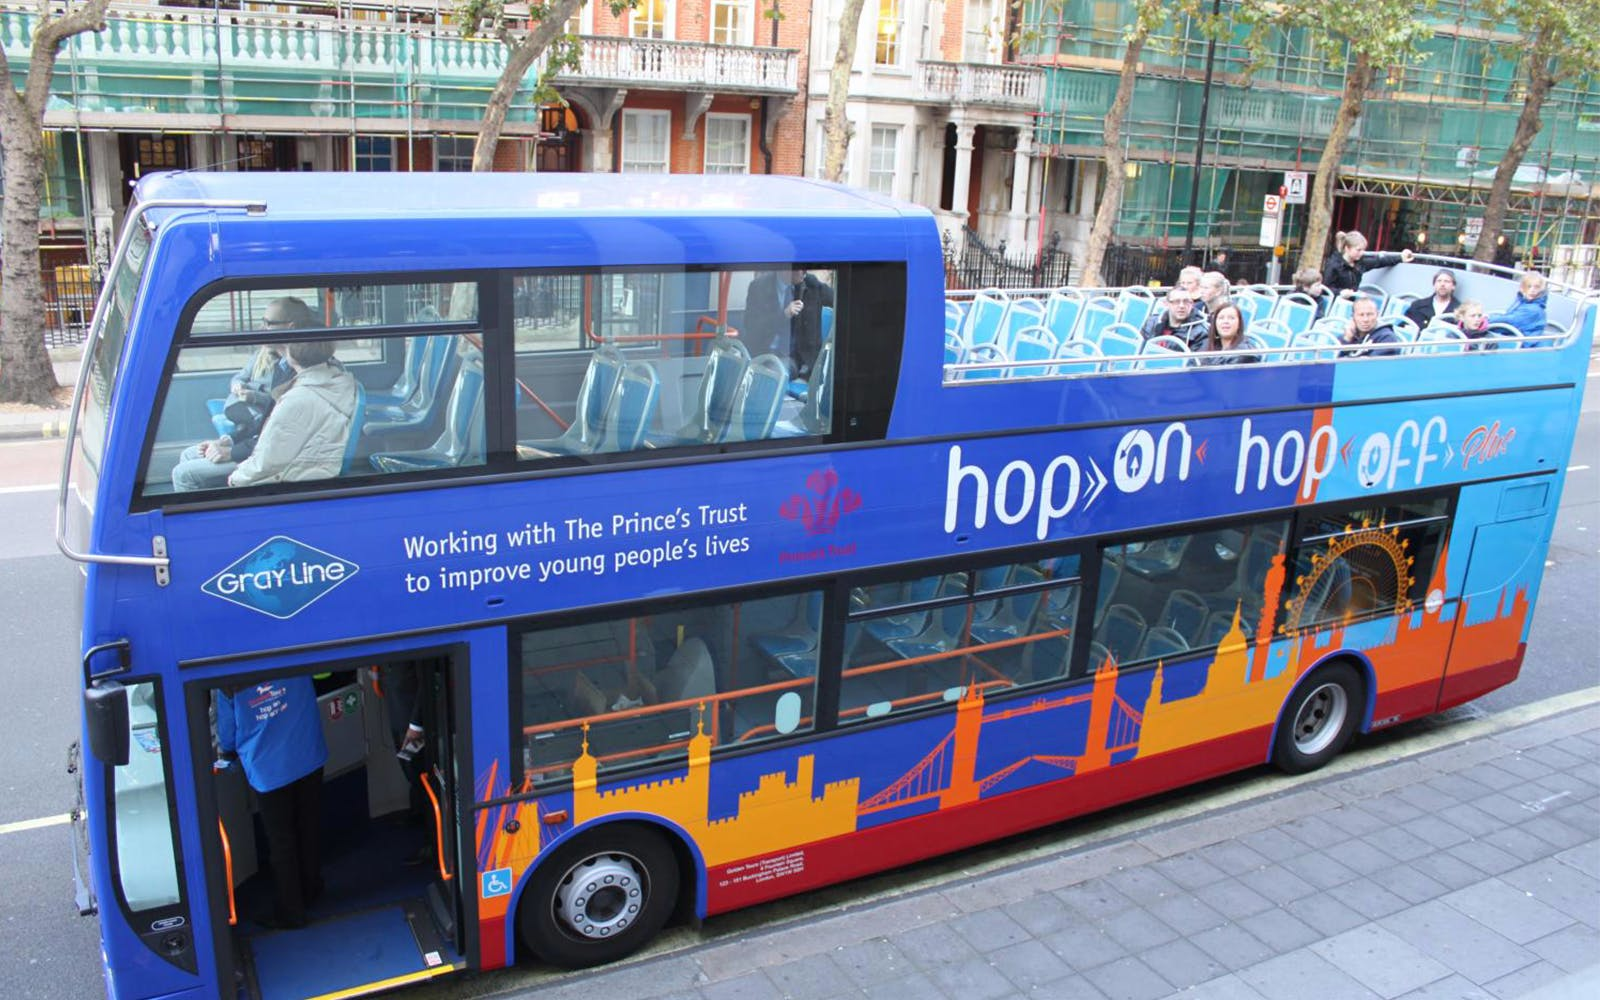 london hop on hop off bus tours - 3